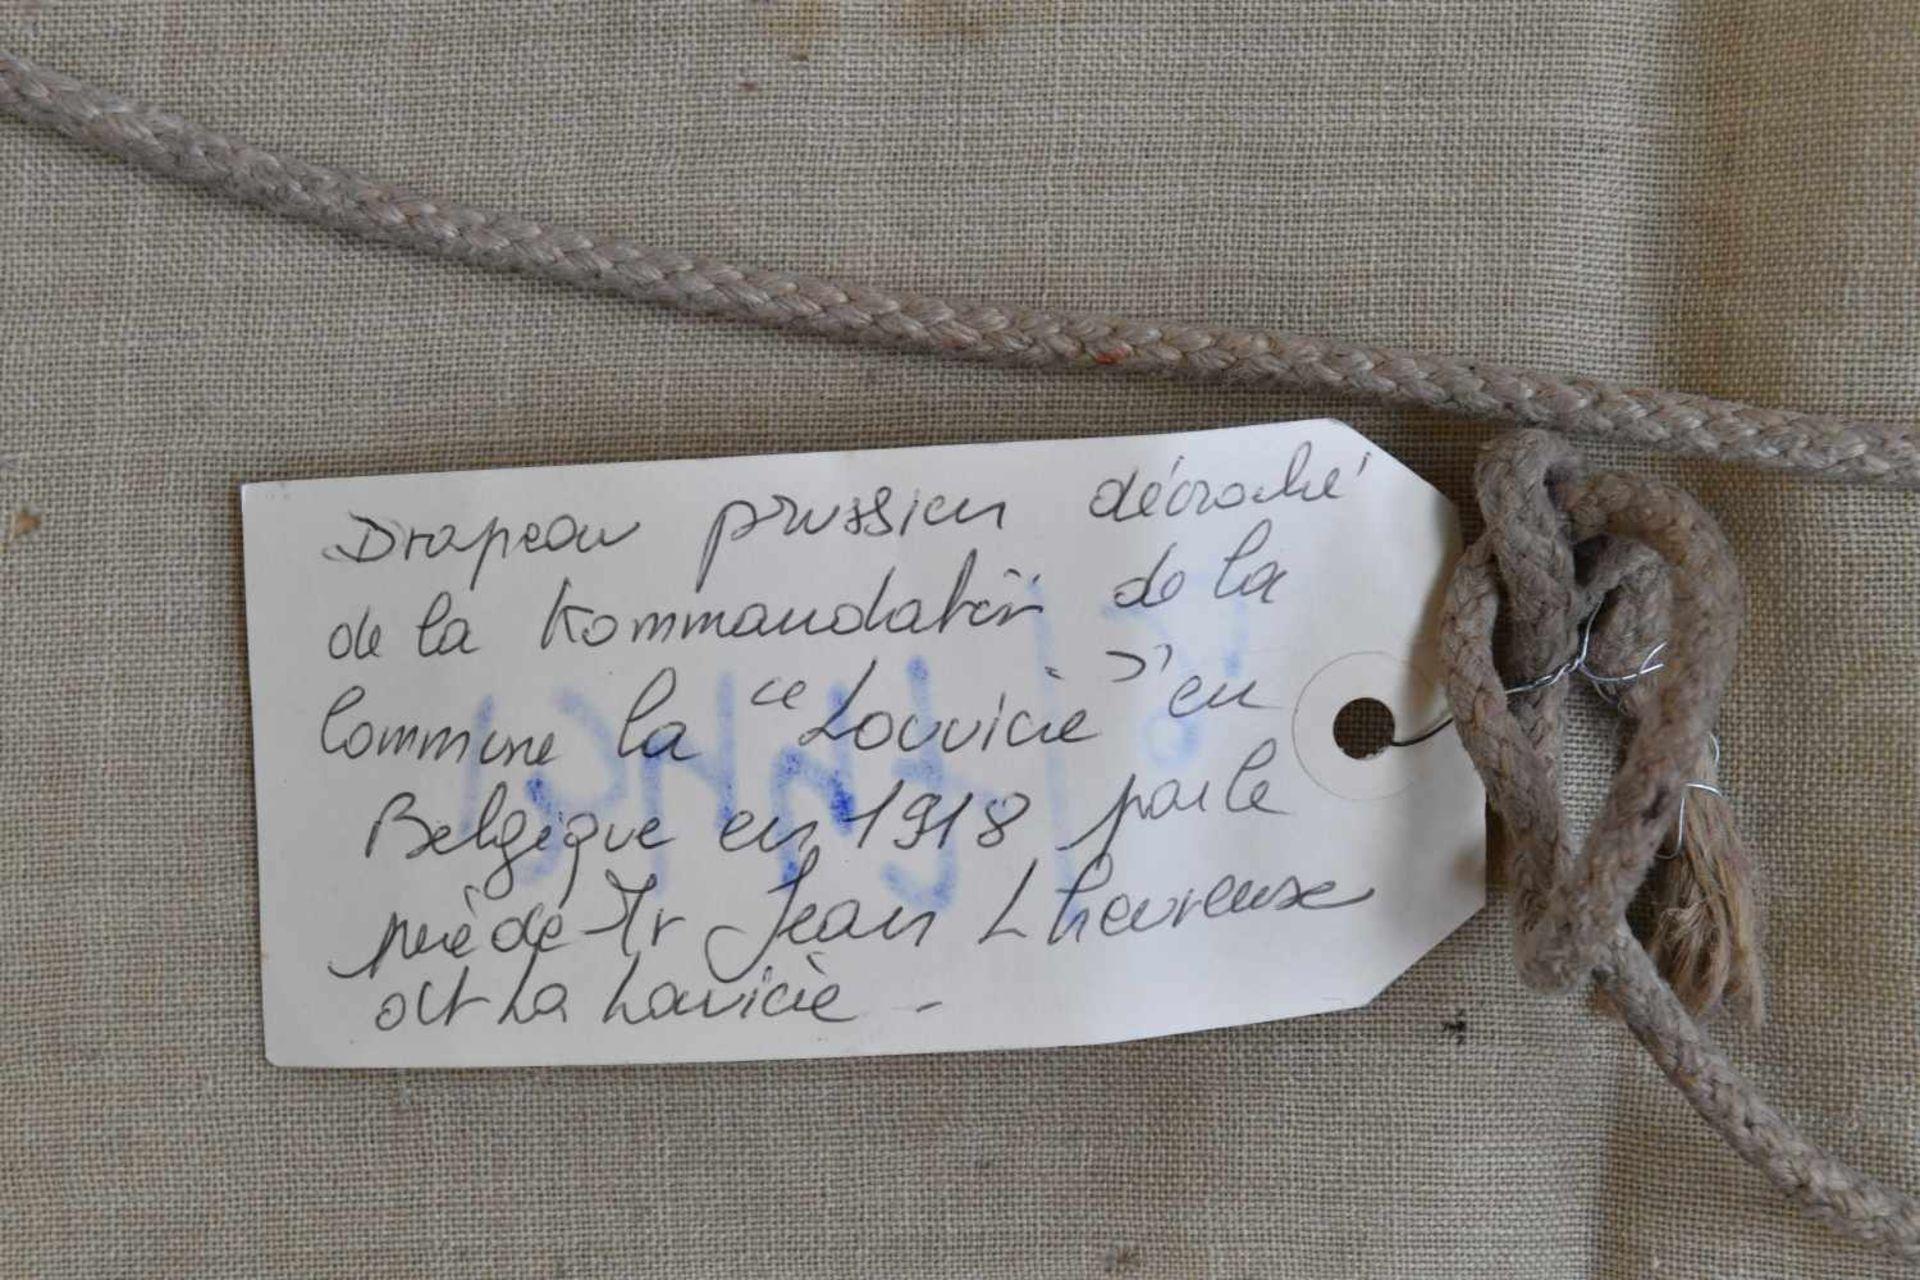 Drapeau de la Kaiserliche Marine provenant de Louvière en Belgique En tissu coton blanc, aigle - Bild 3 aus 4